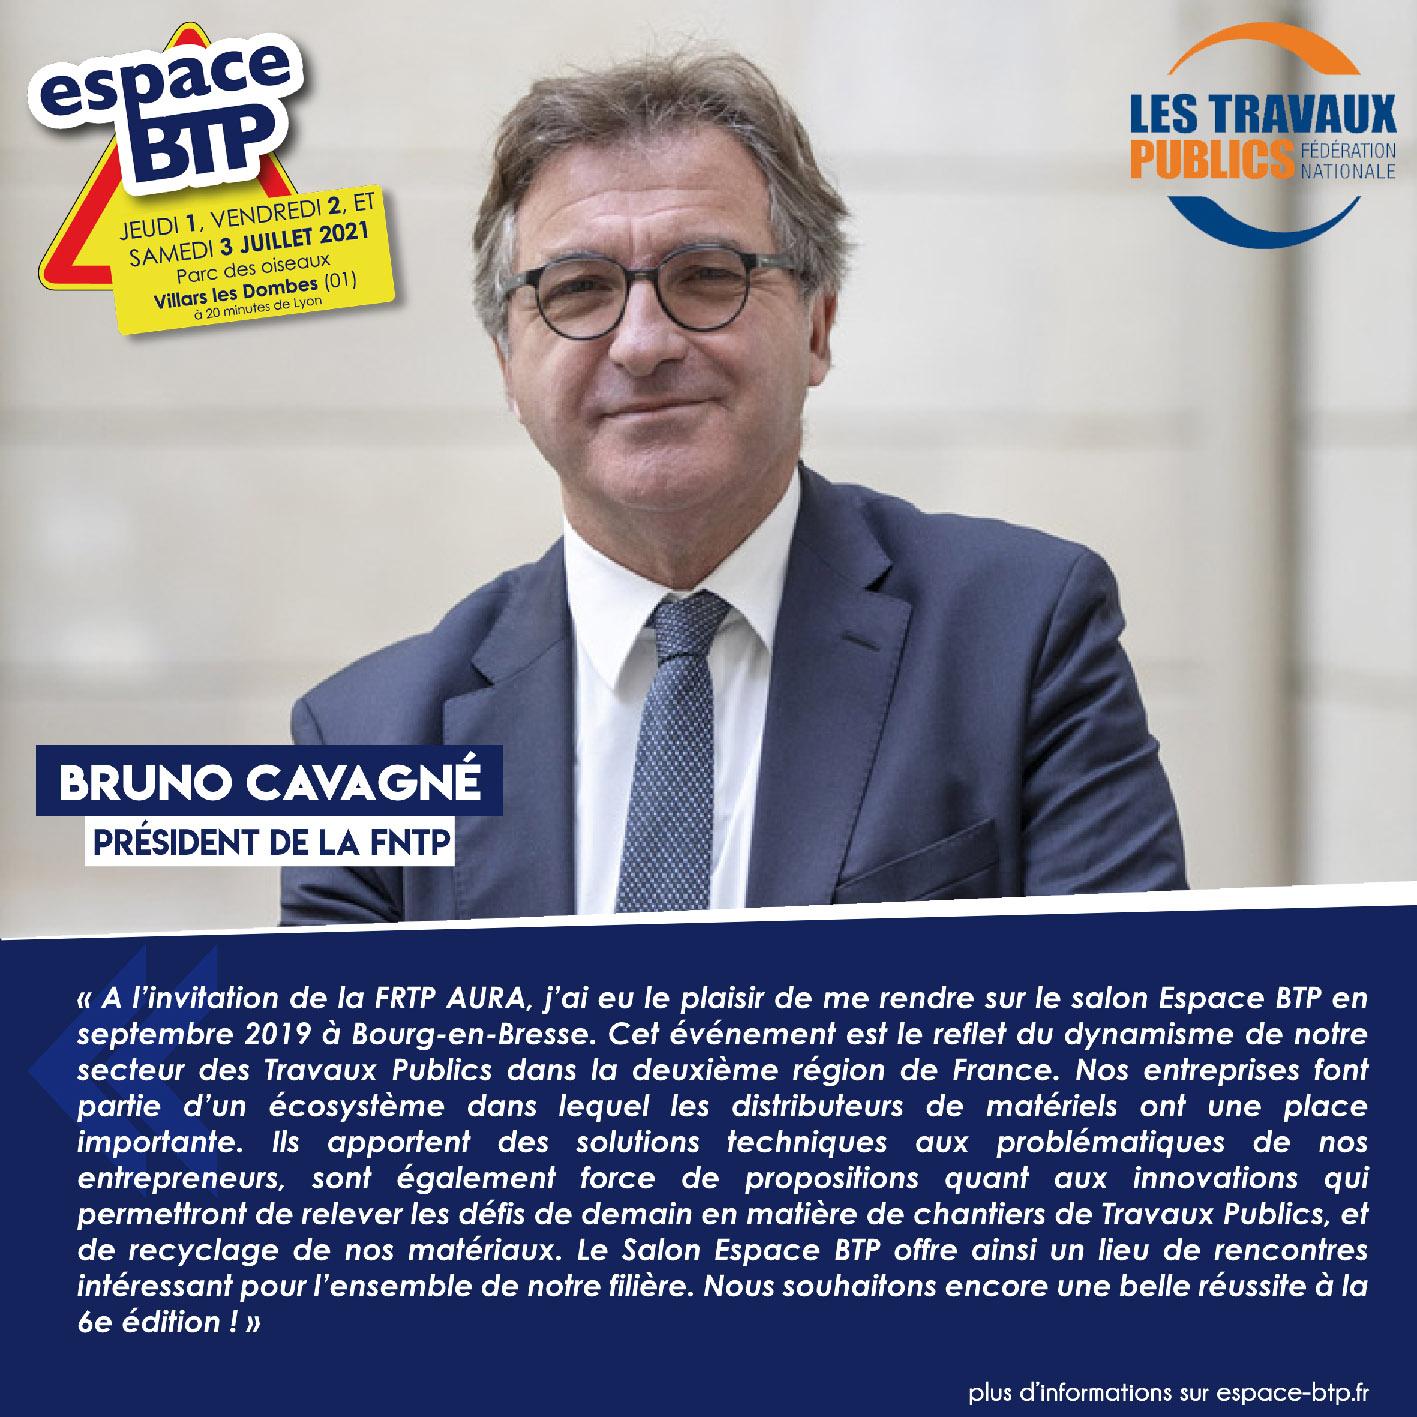 BRUNO CAVAGNE